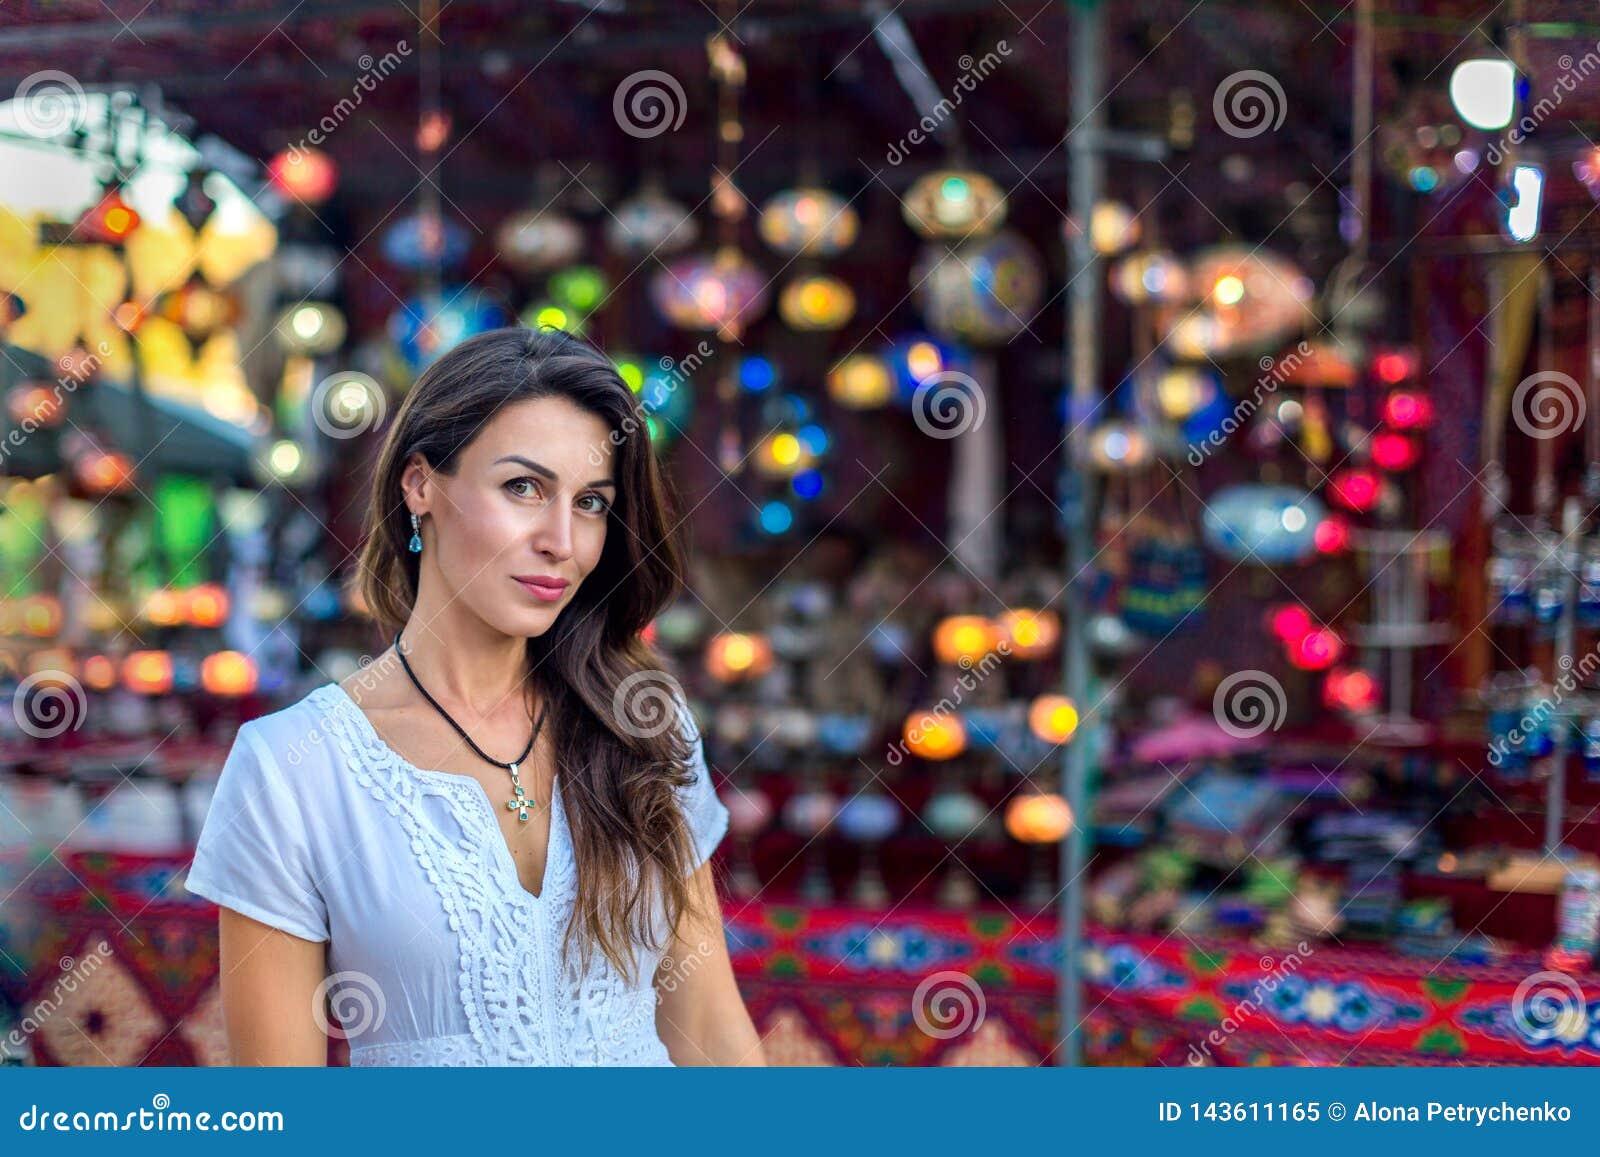 Piękna dziewczyna z długie włosy w białej sukni na tle jarzyć się orientalne marokańskie etniczne lampy przy jarmarku rynkiem